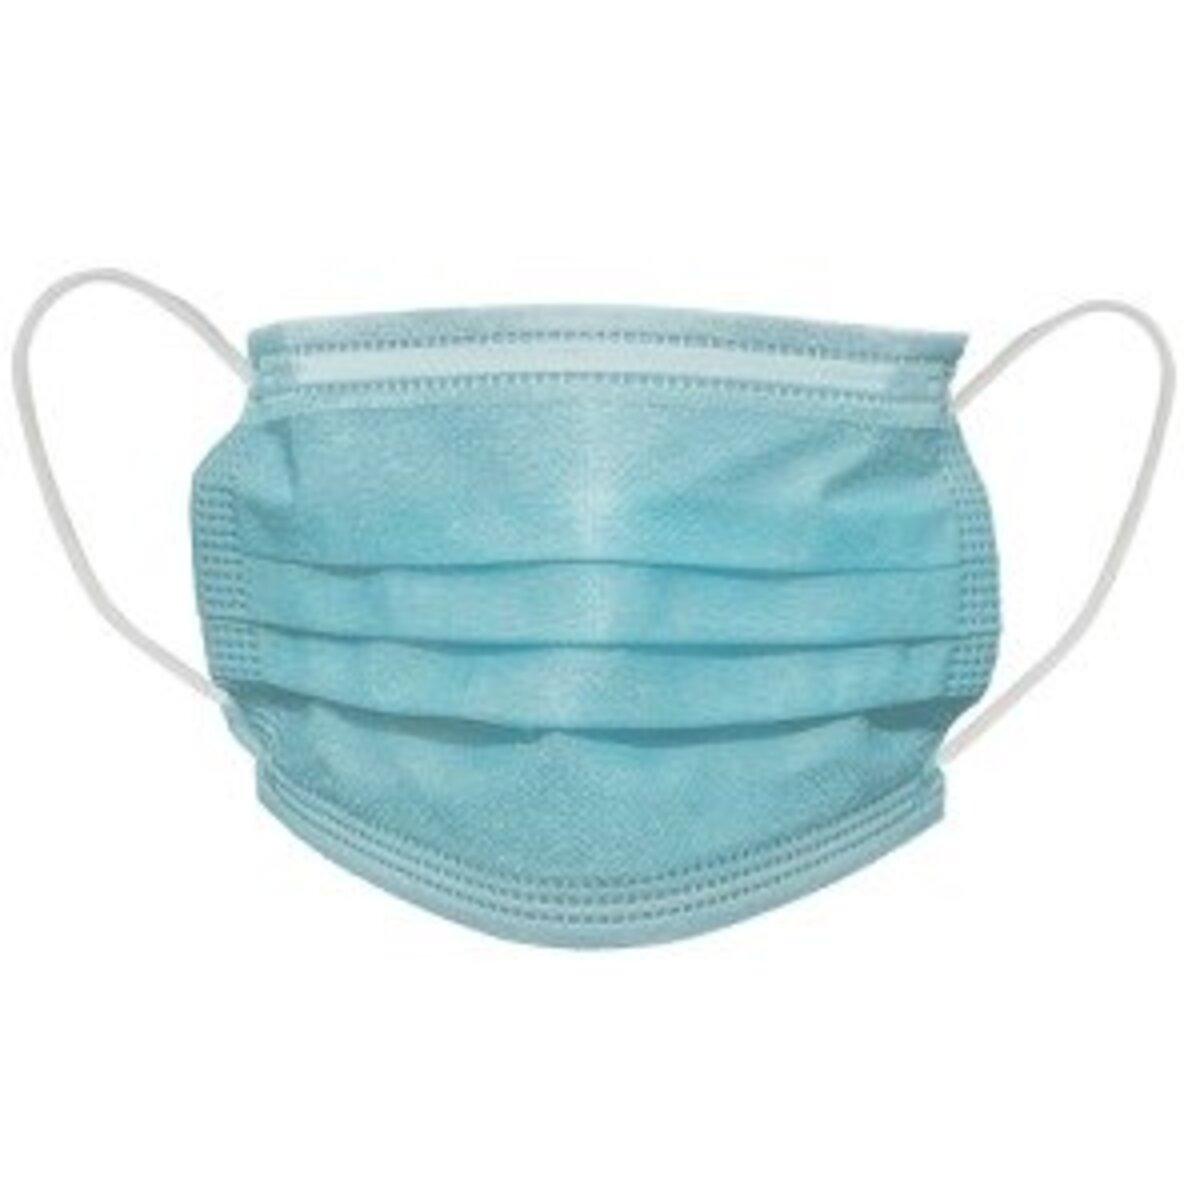 Bild 1 von Mund-Nasen-Gesichtsmaske 3-lagig 50er Pack 1 St